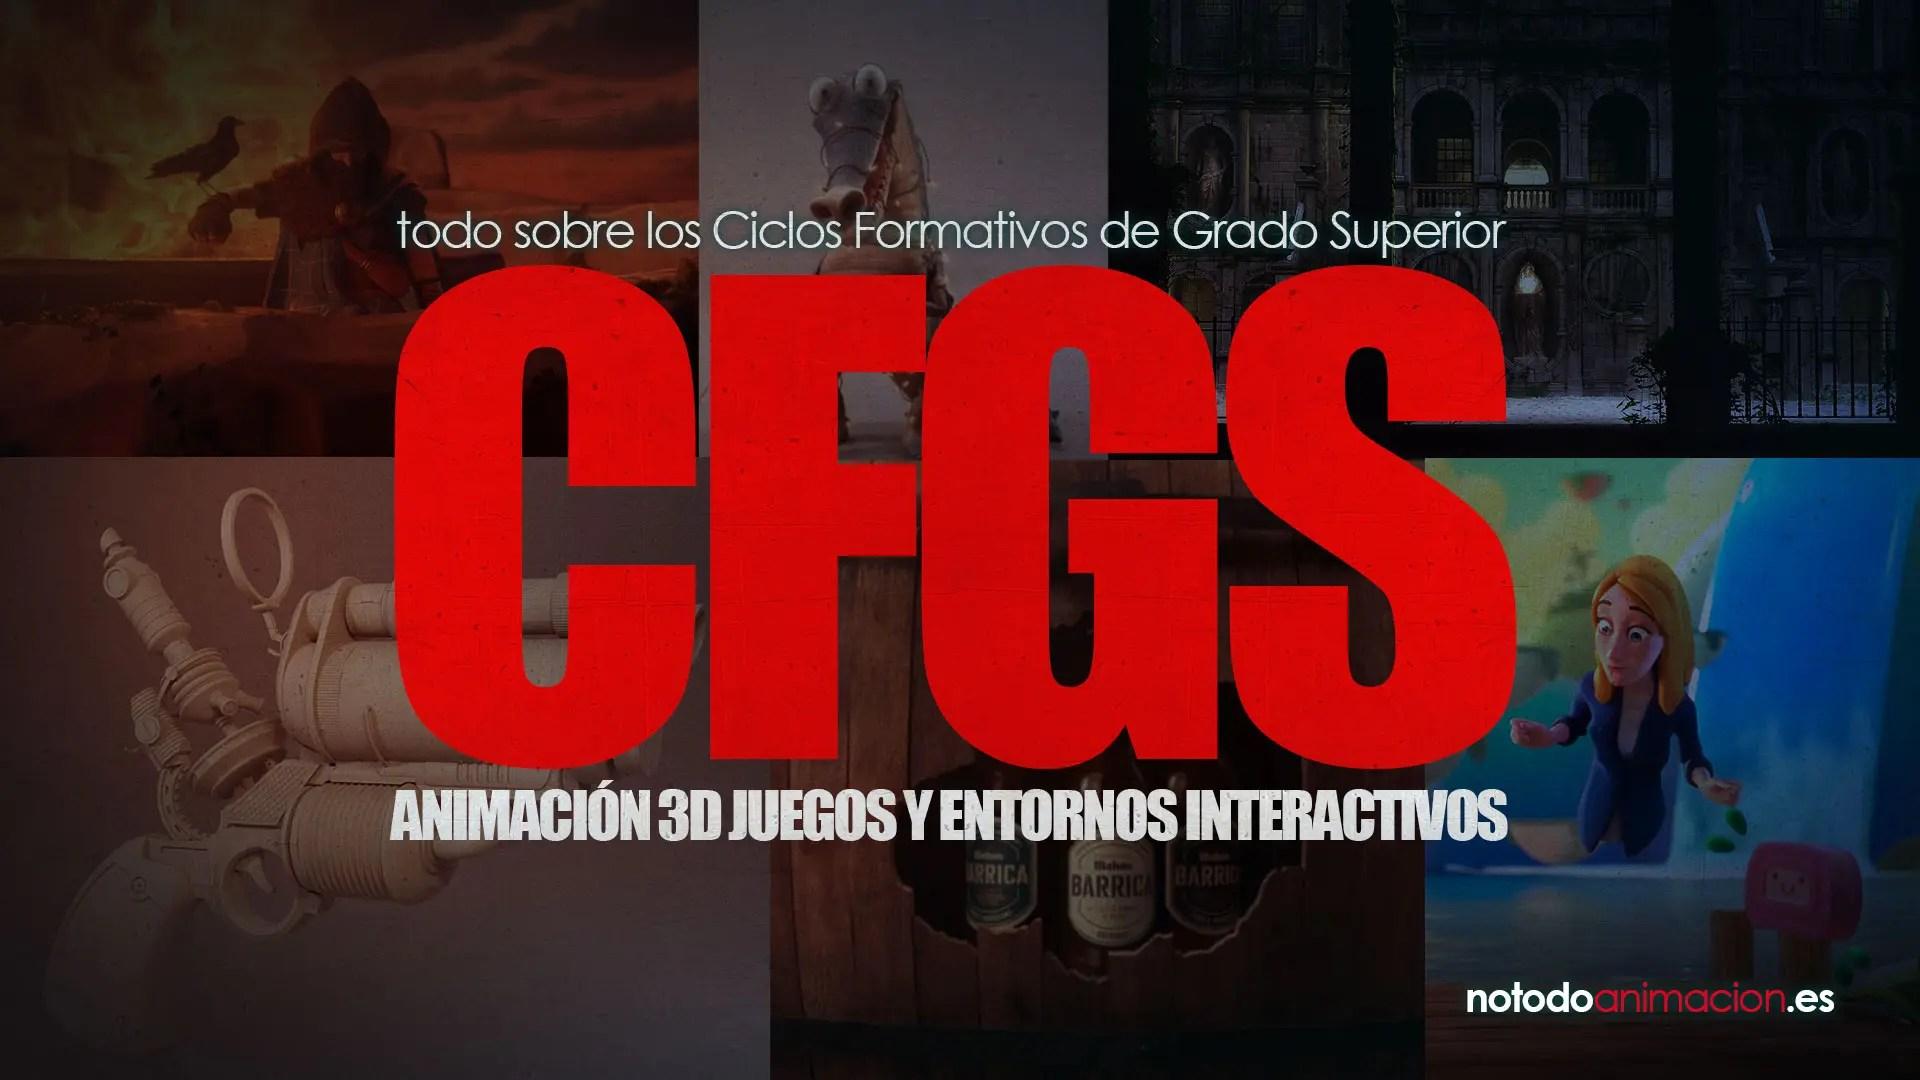 CFGS de Animación 3D Juegos y Entornos Interactivos | Todo lo que necesitas saber